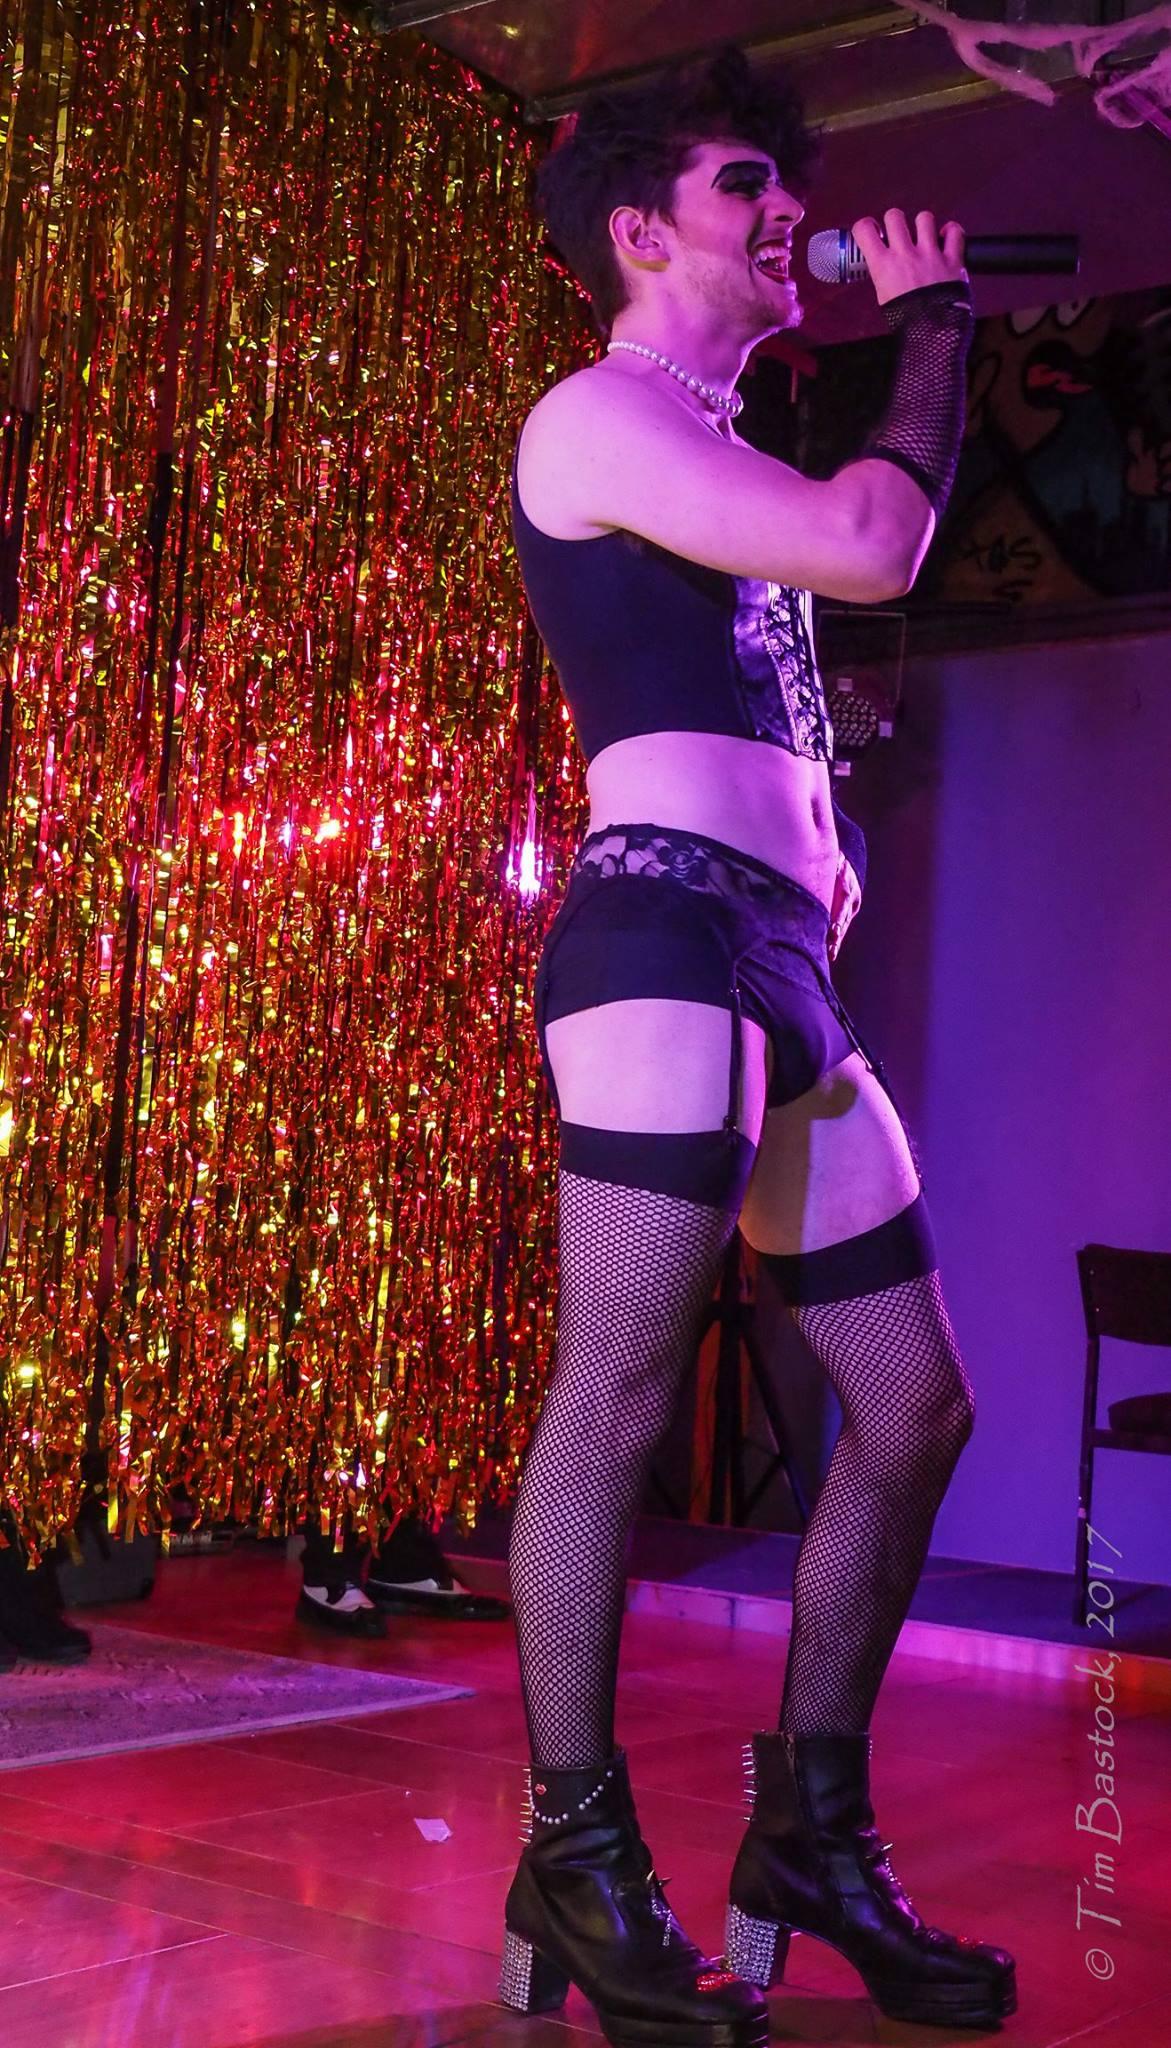 Sweet Transvestite